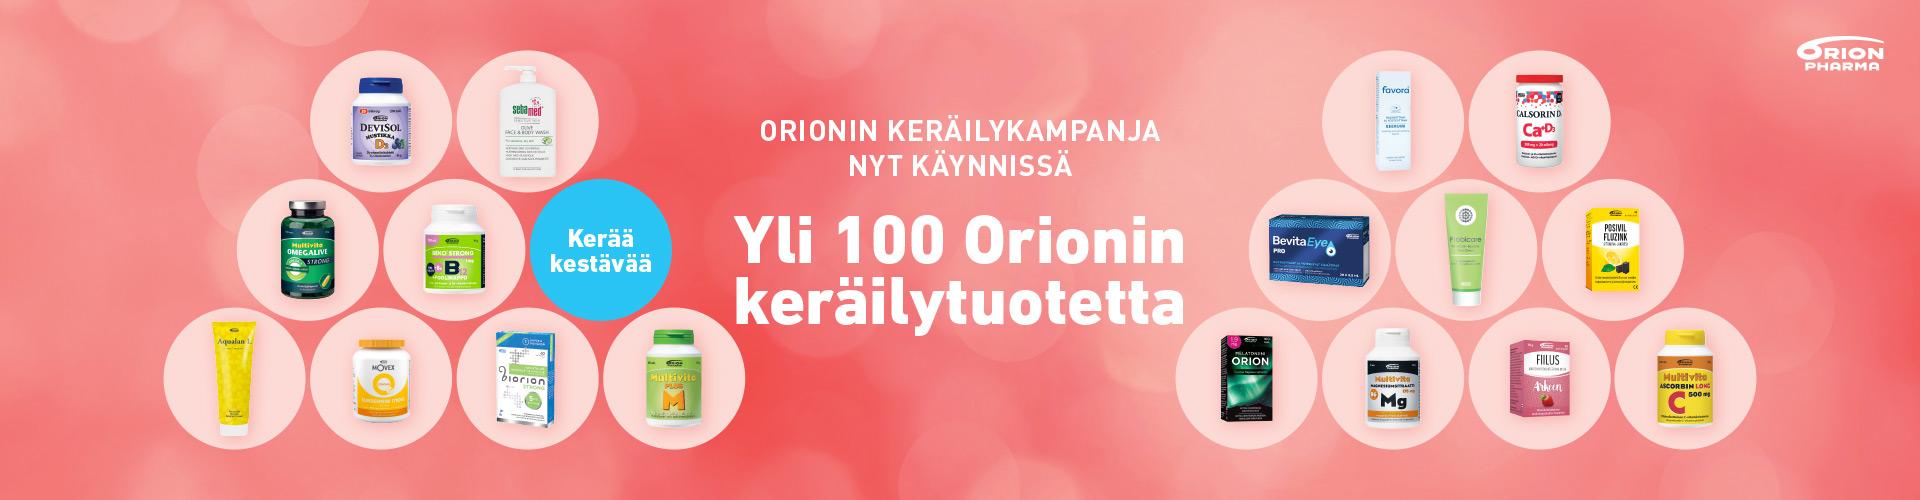 Orion keräilykampanja